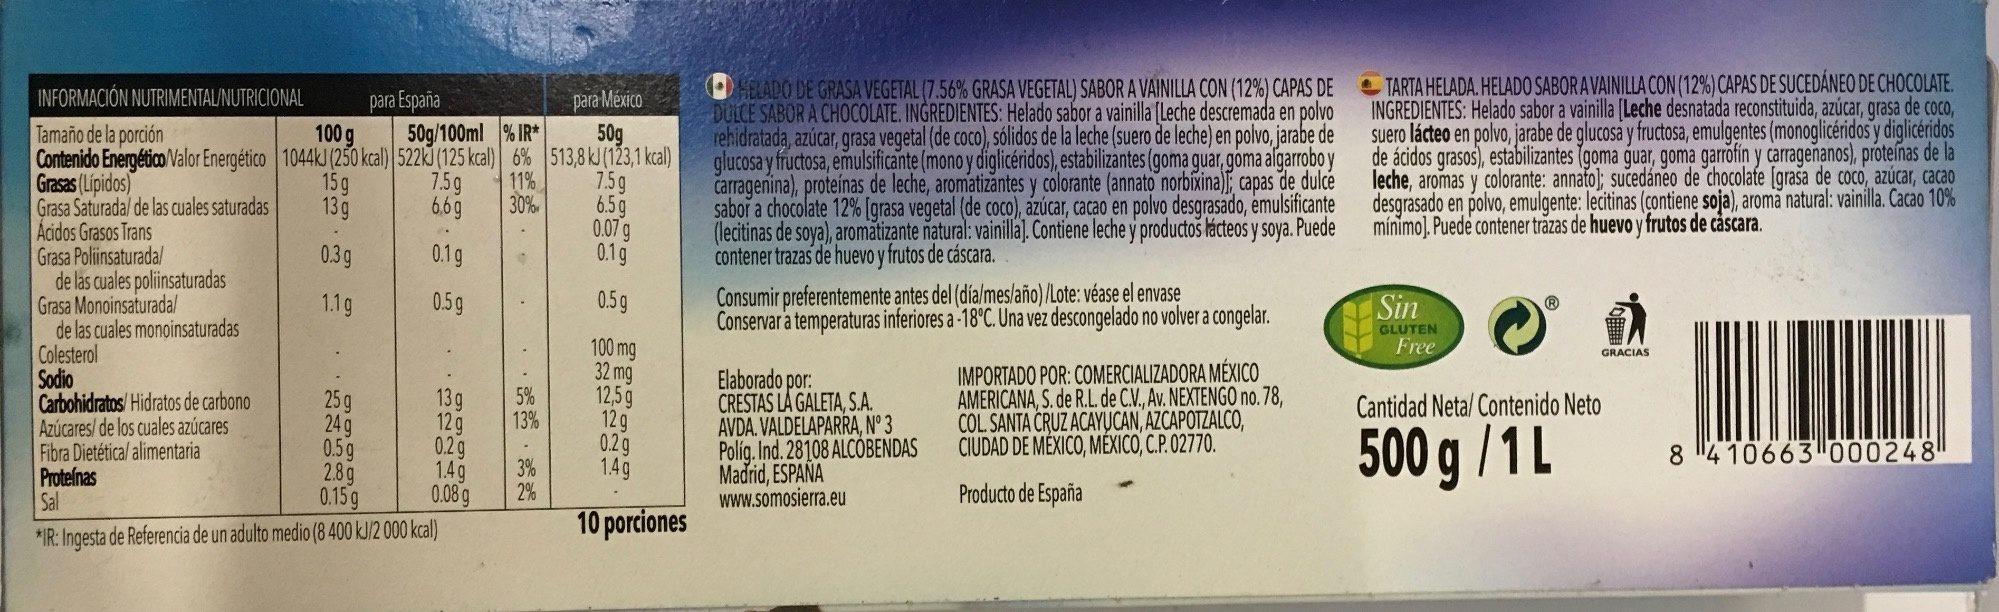 Tarta de vainilla - Ingredientes - es